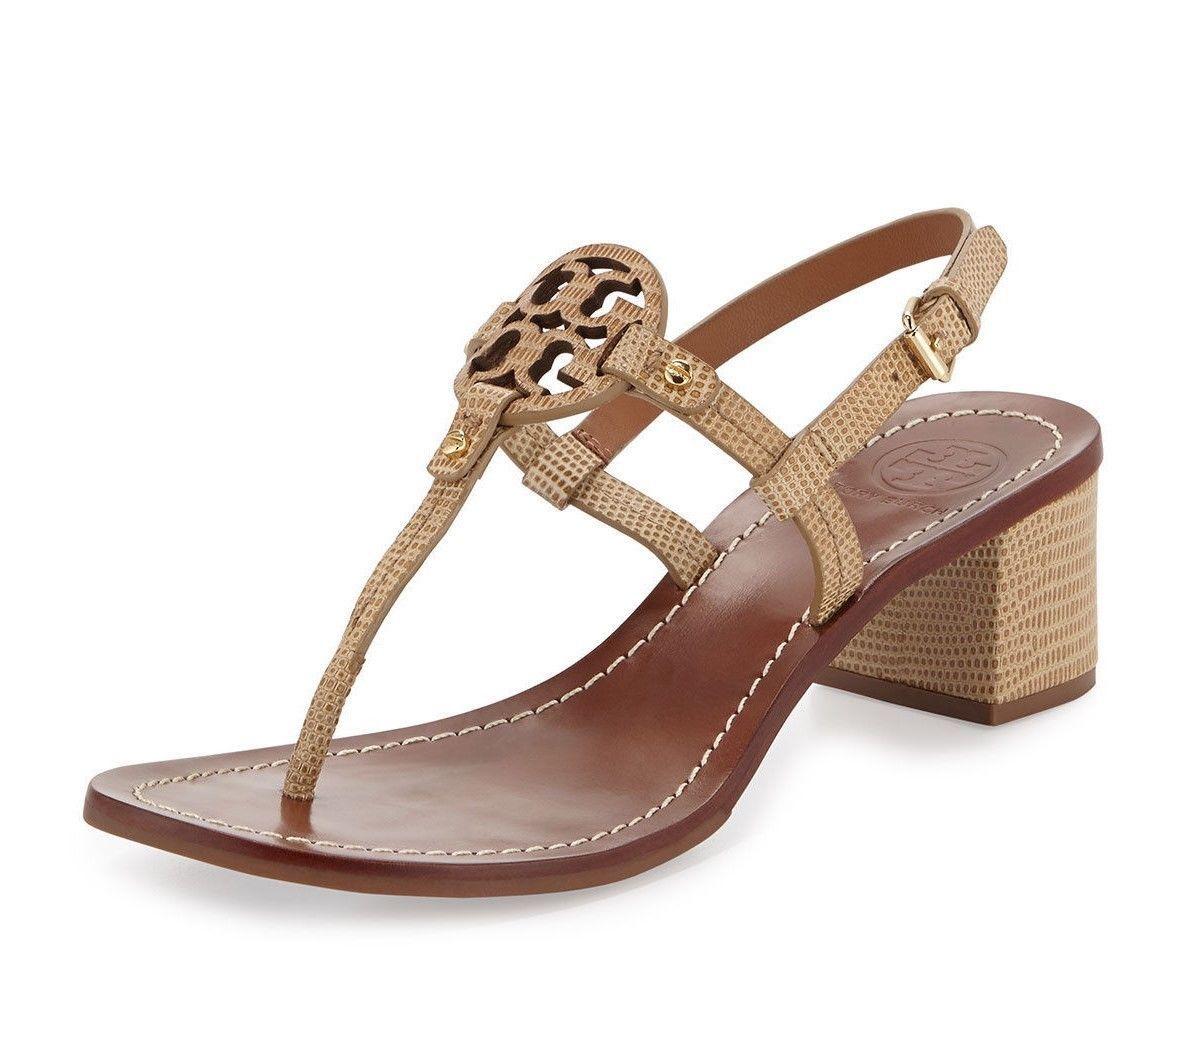 tory burch sandals mini miller